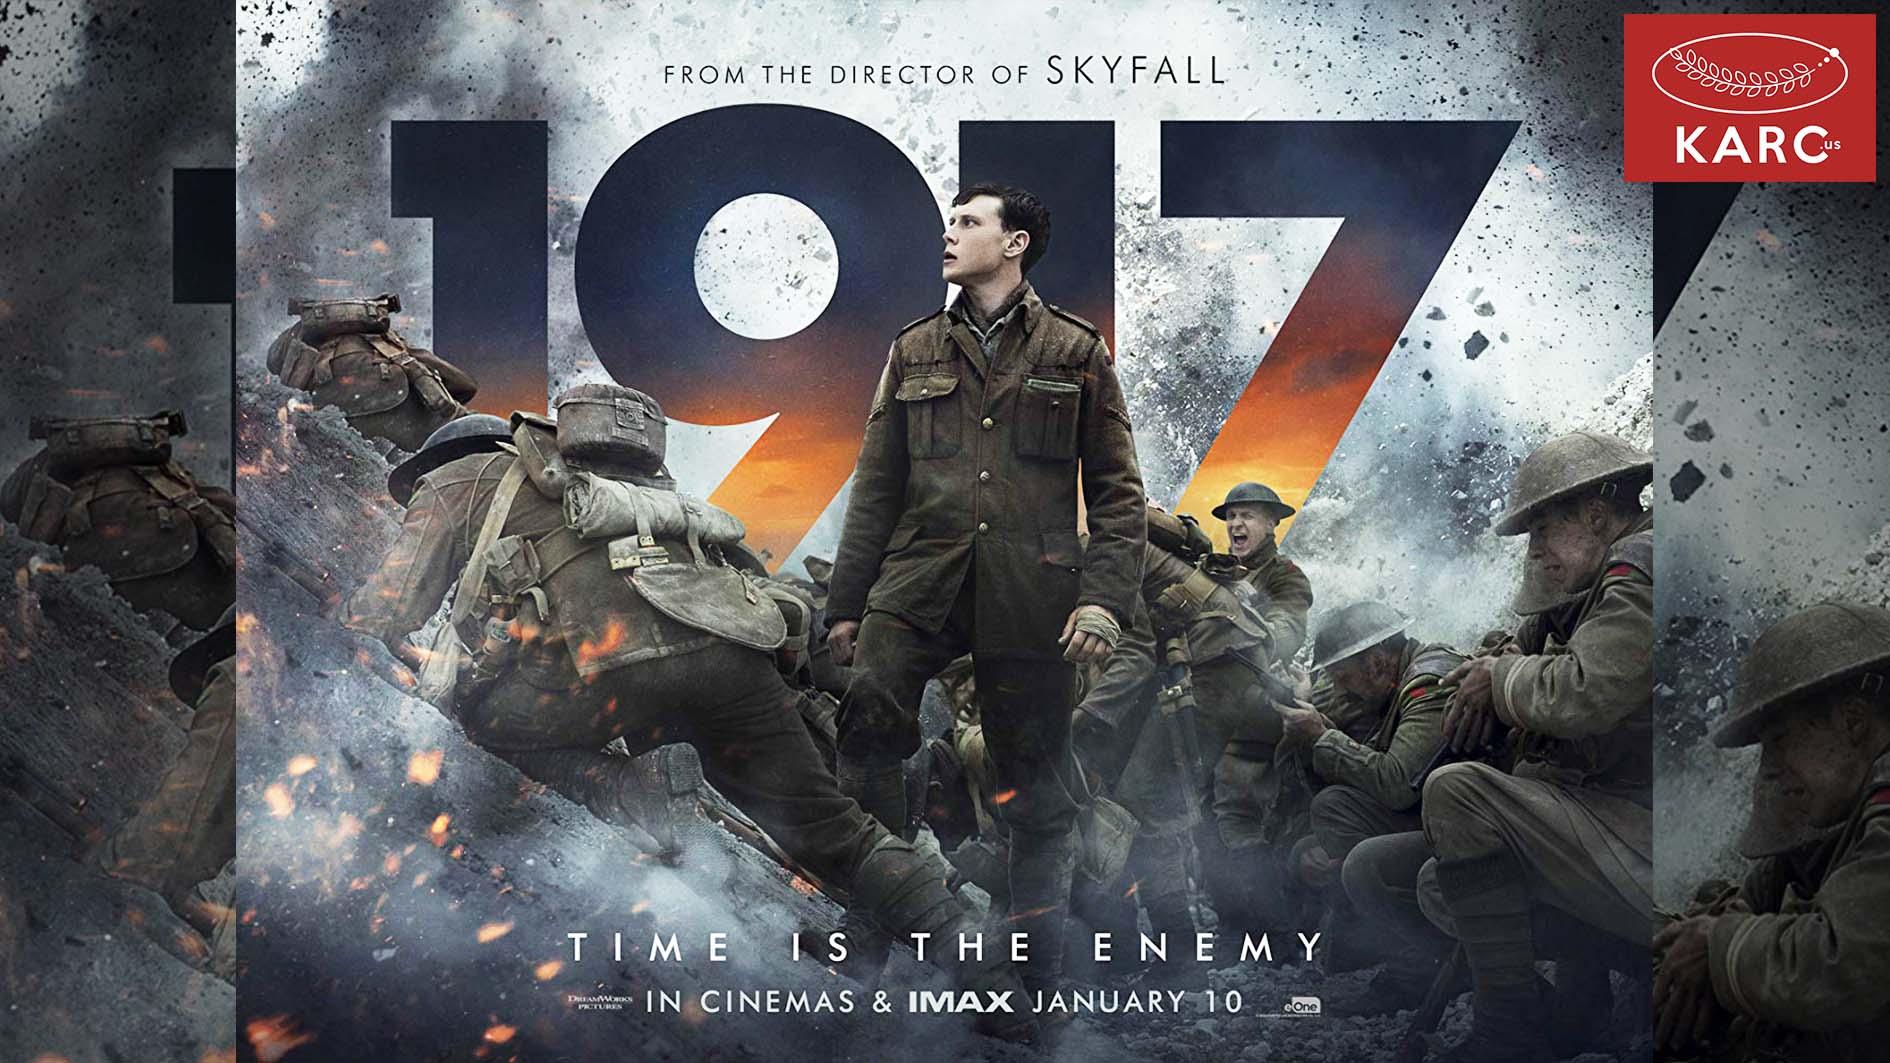 รีวิว 1917 หนังสงคราม Long take หนังดีการันตีจากรางวัล - Karc.us